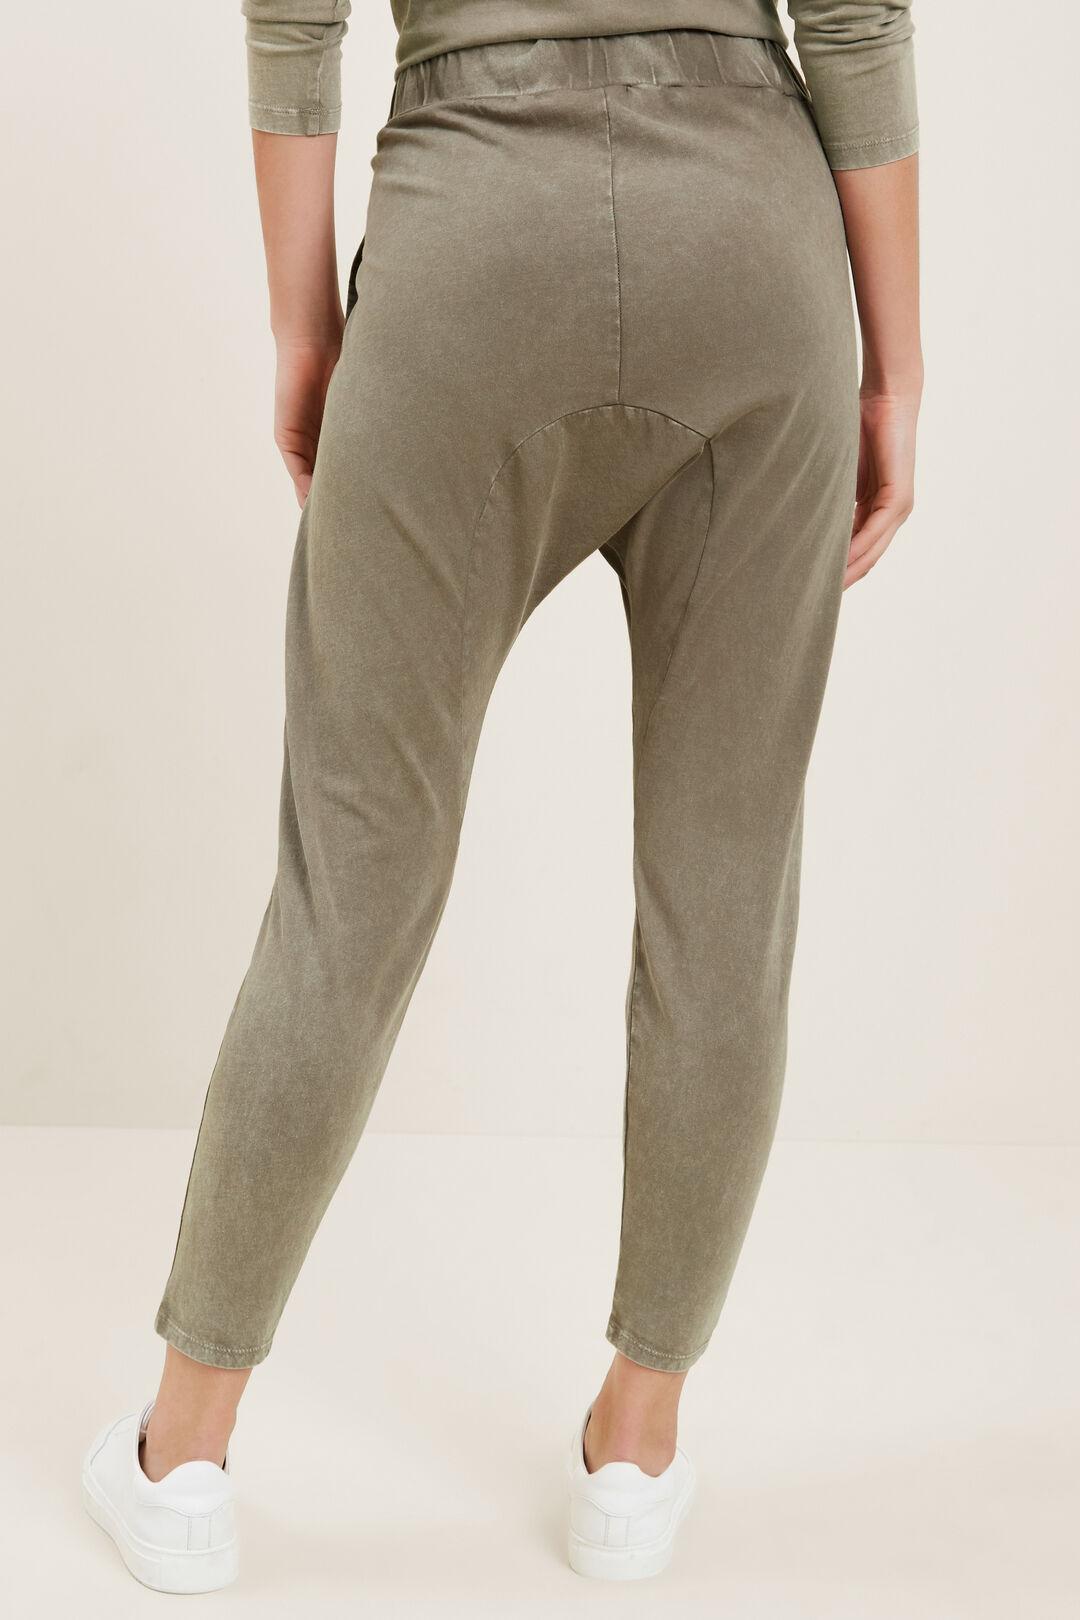 Vintage Wash Harem Pants  OLIVE KHAKI ACID WAS  hi-res